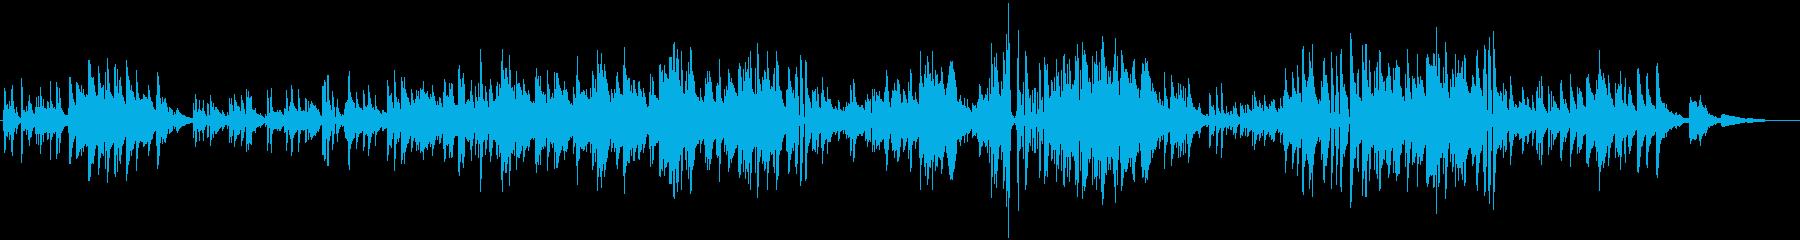 しっとりとしたピアノソロの再生済みの波形